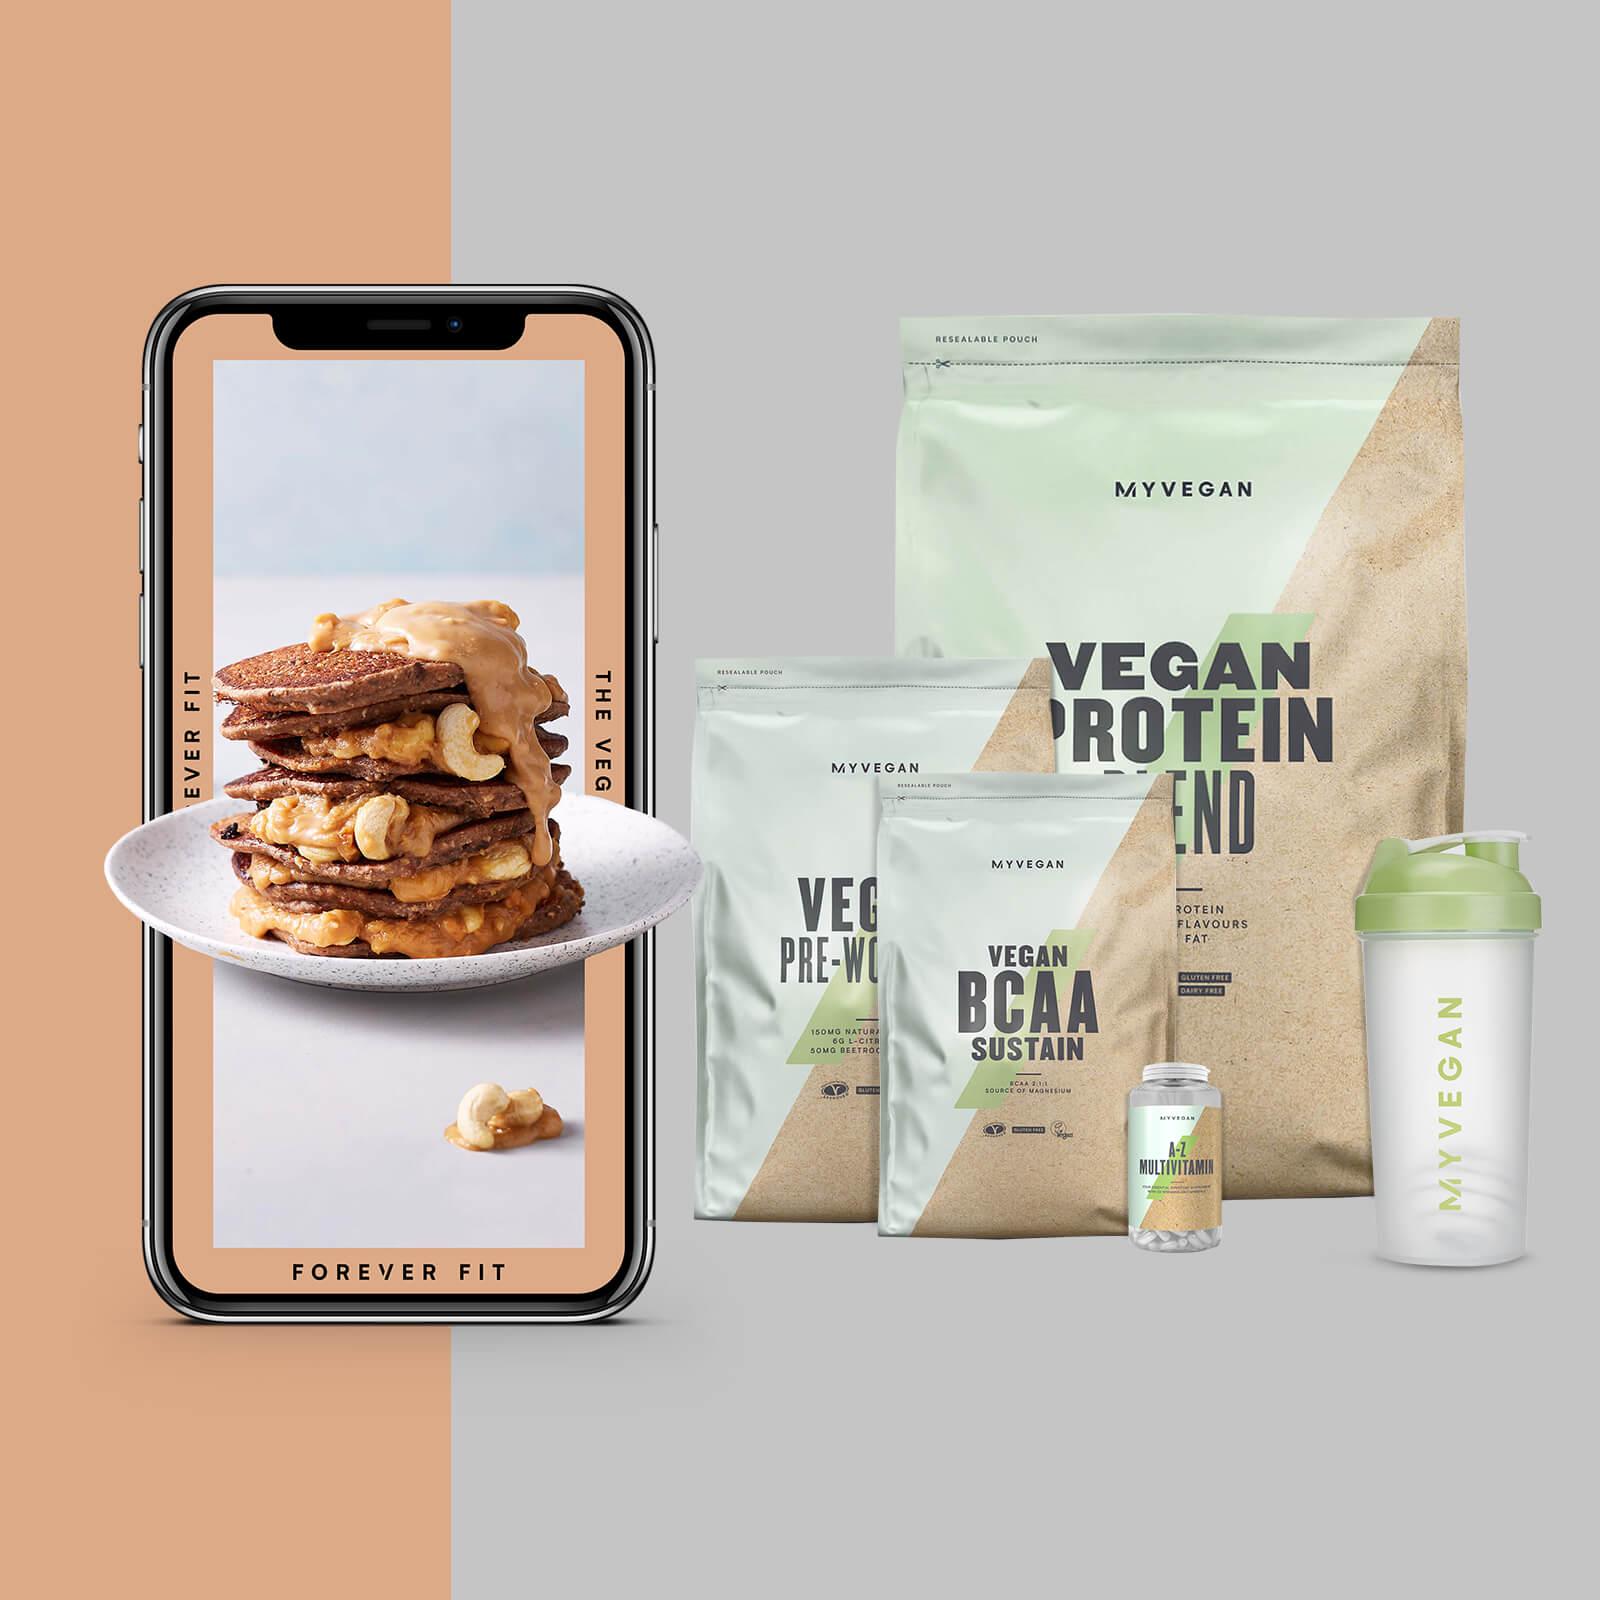 Le Pack Vegan + Guide Entraînement et Nutrition Offert - Lemon and Lime - Sour Apple - Chocolate